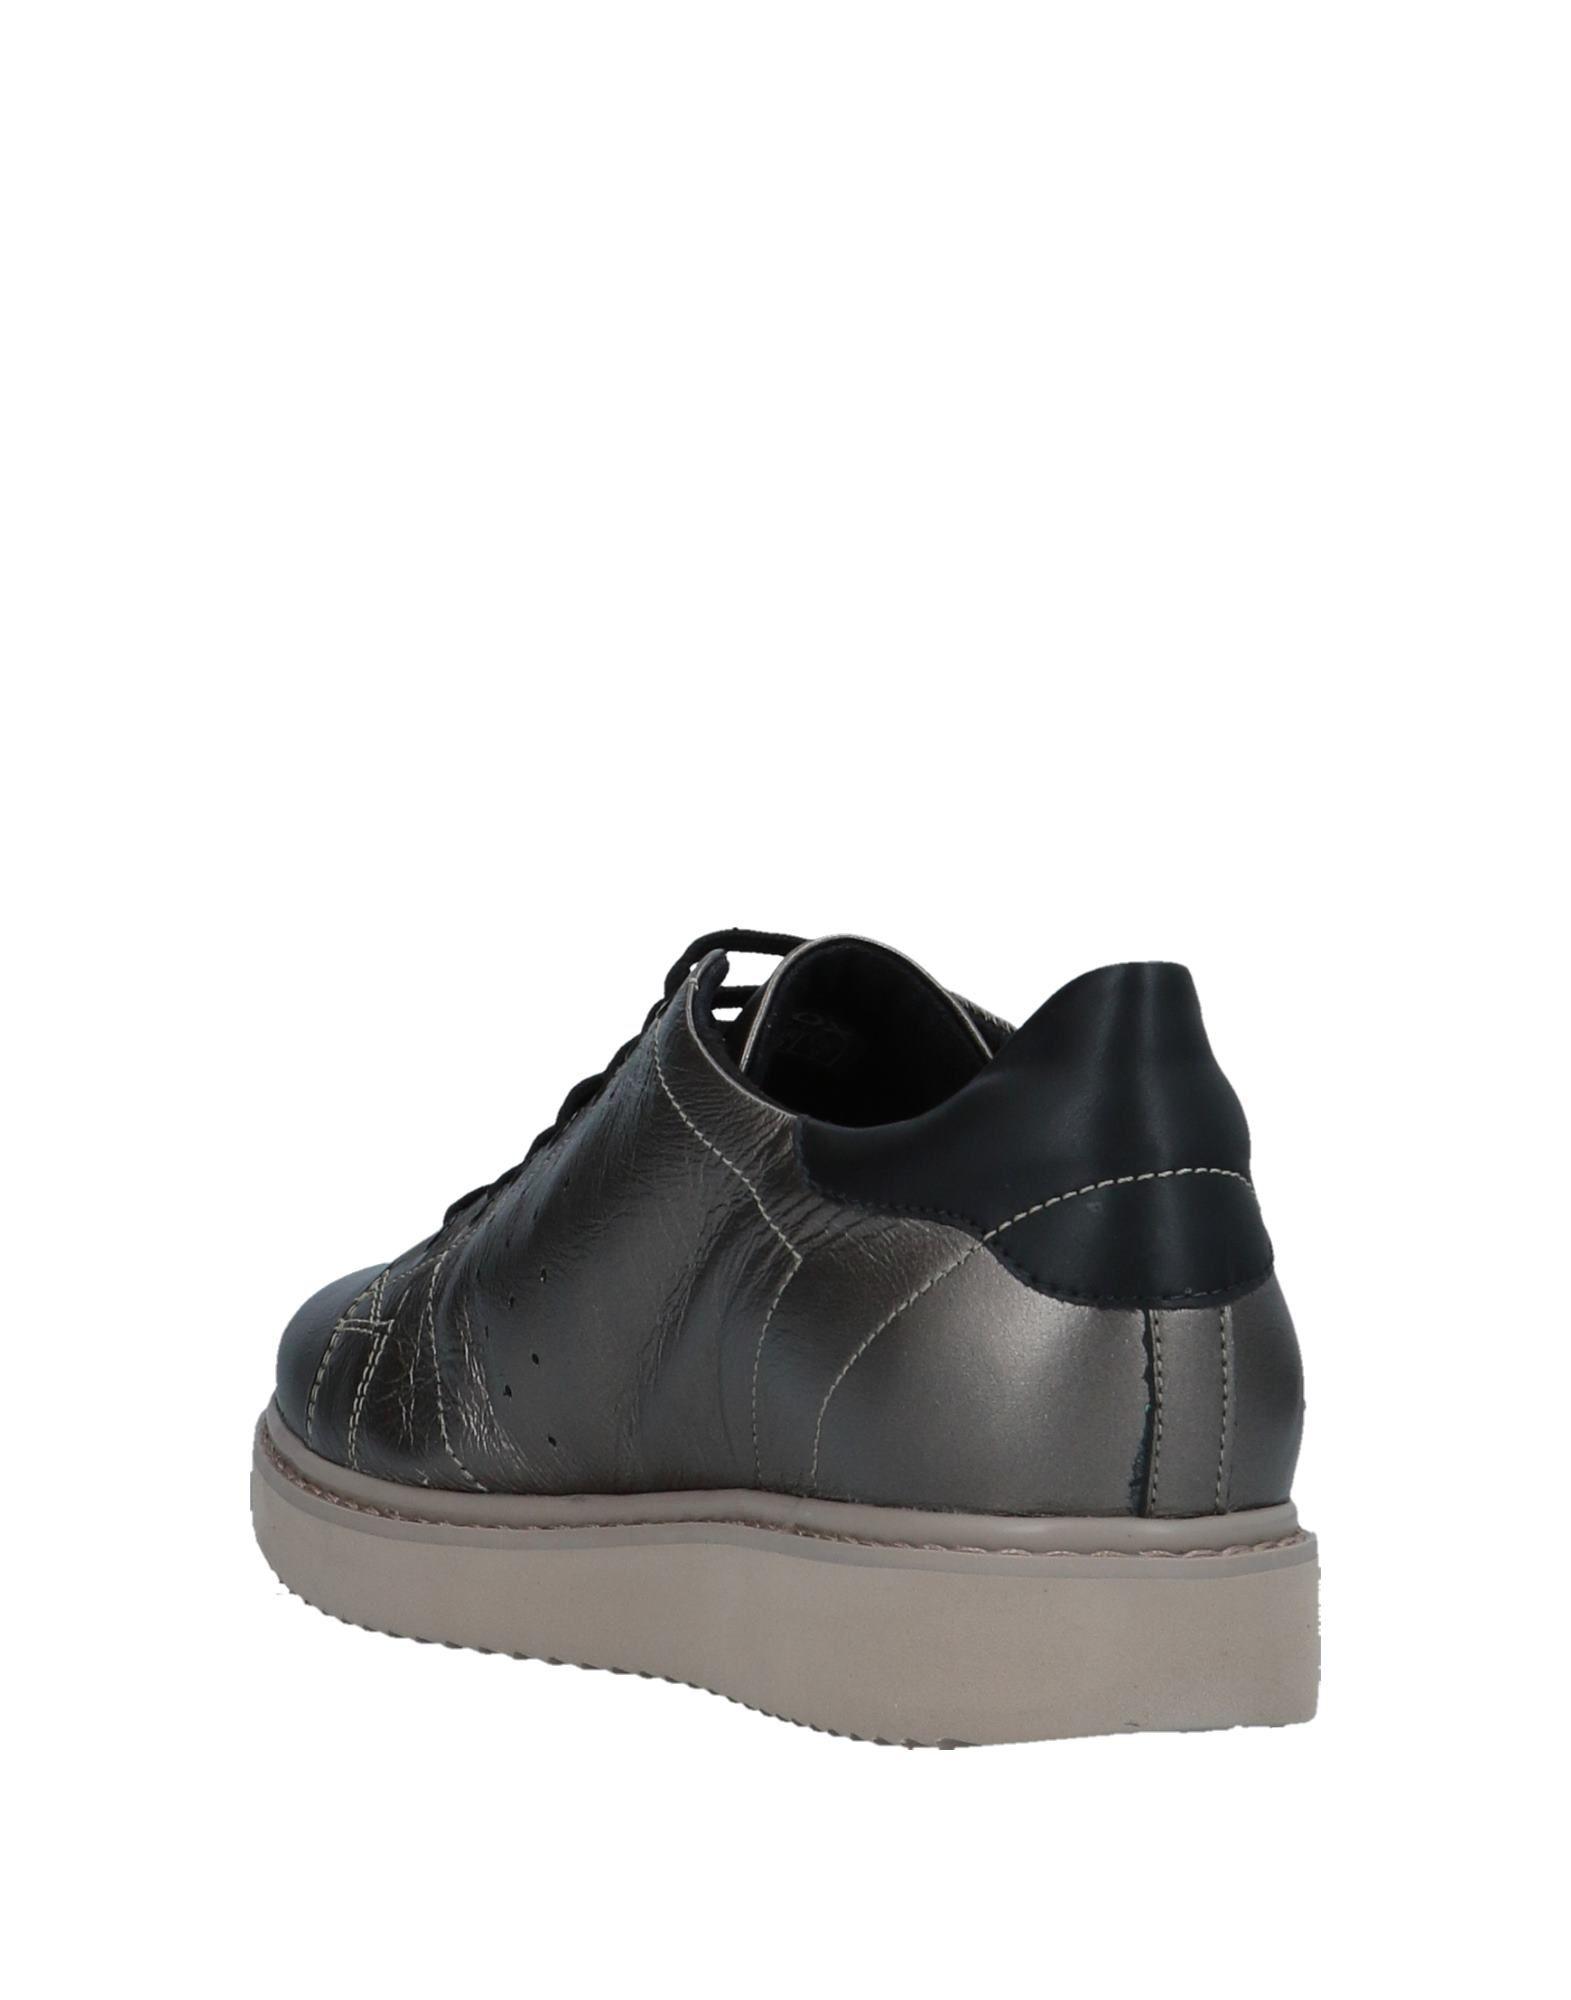 Scarpe economiche e resistenti Sneakers Geox Donna - 11540425DE